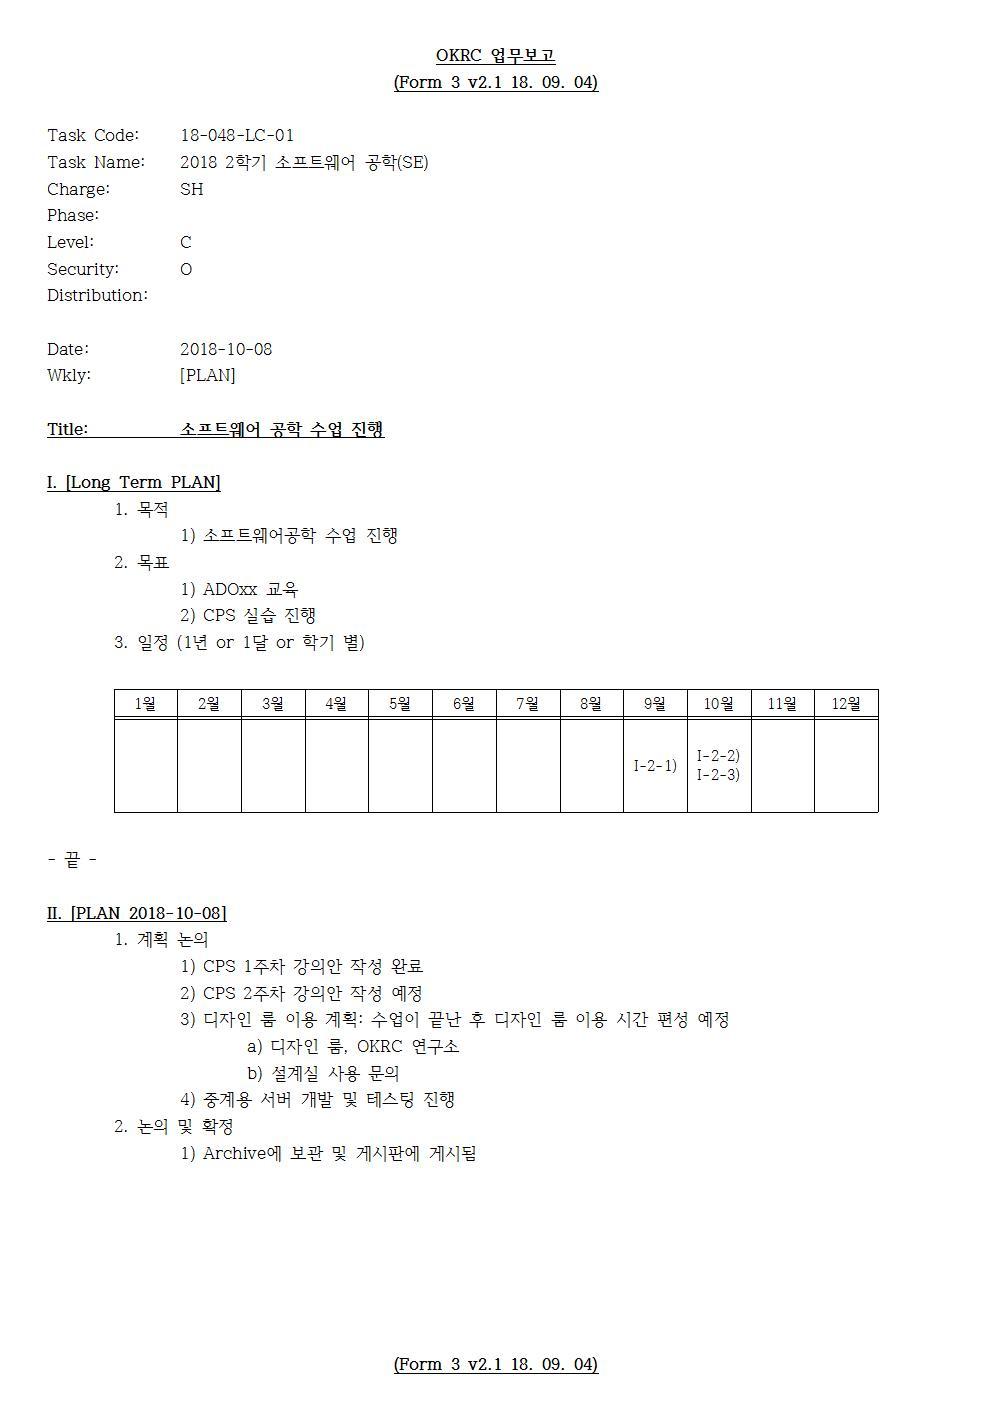 D-[18-048-LC-01]-[SE]-[2018-10-08][SH]001.jpg